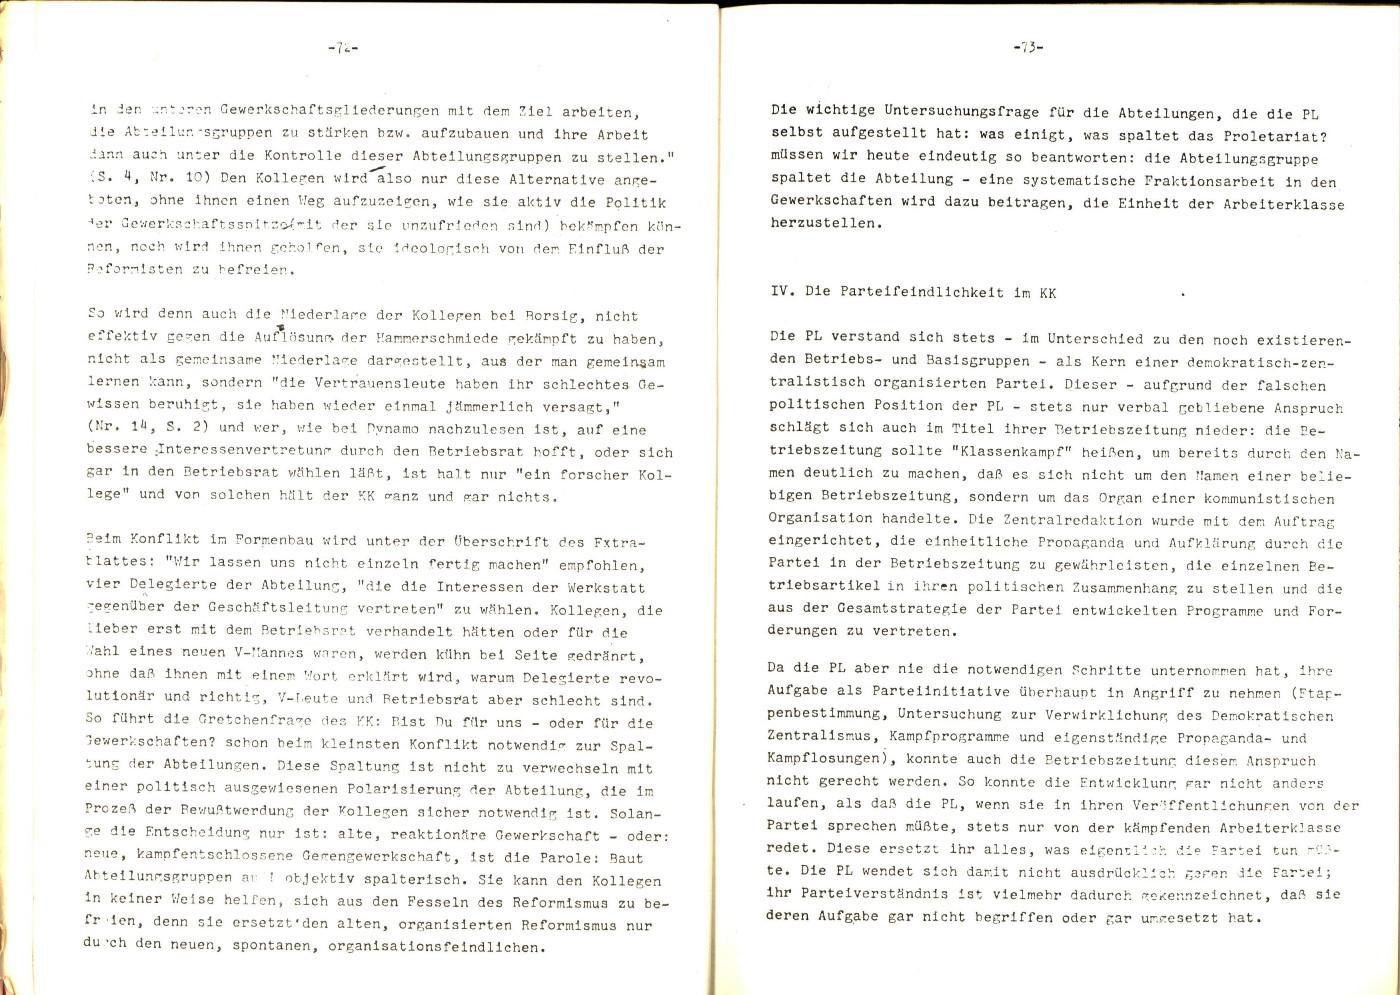 PLPI_1971_Aufloesung_39